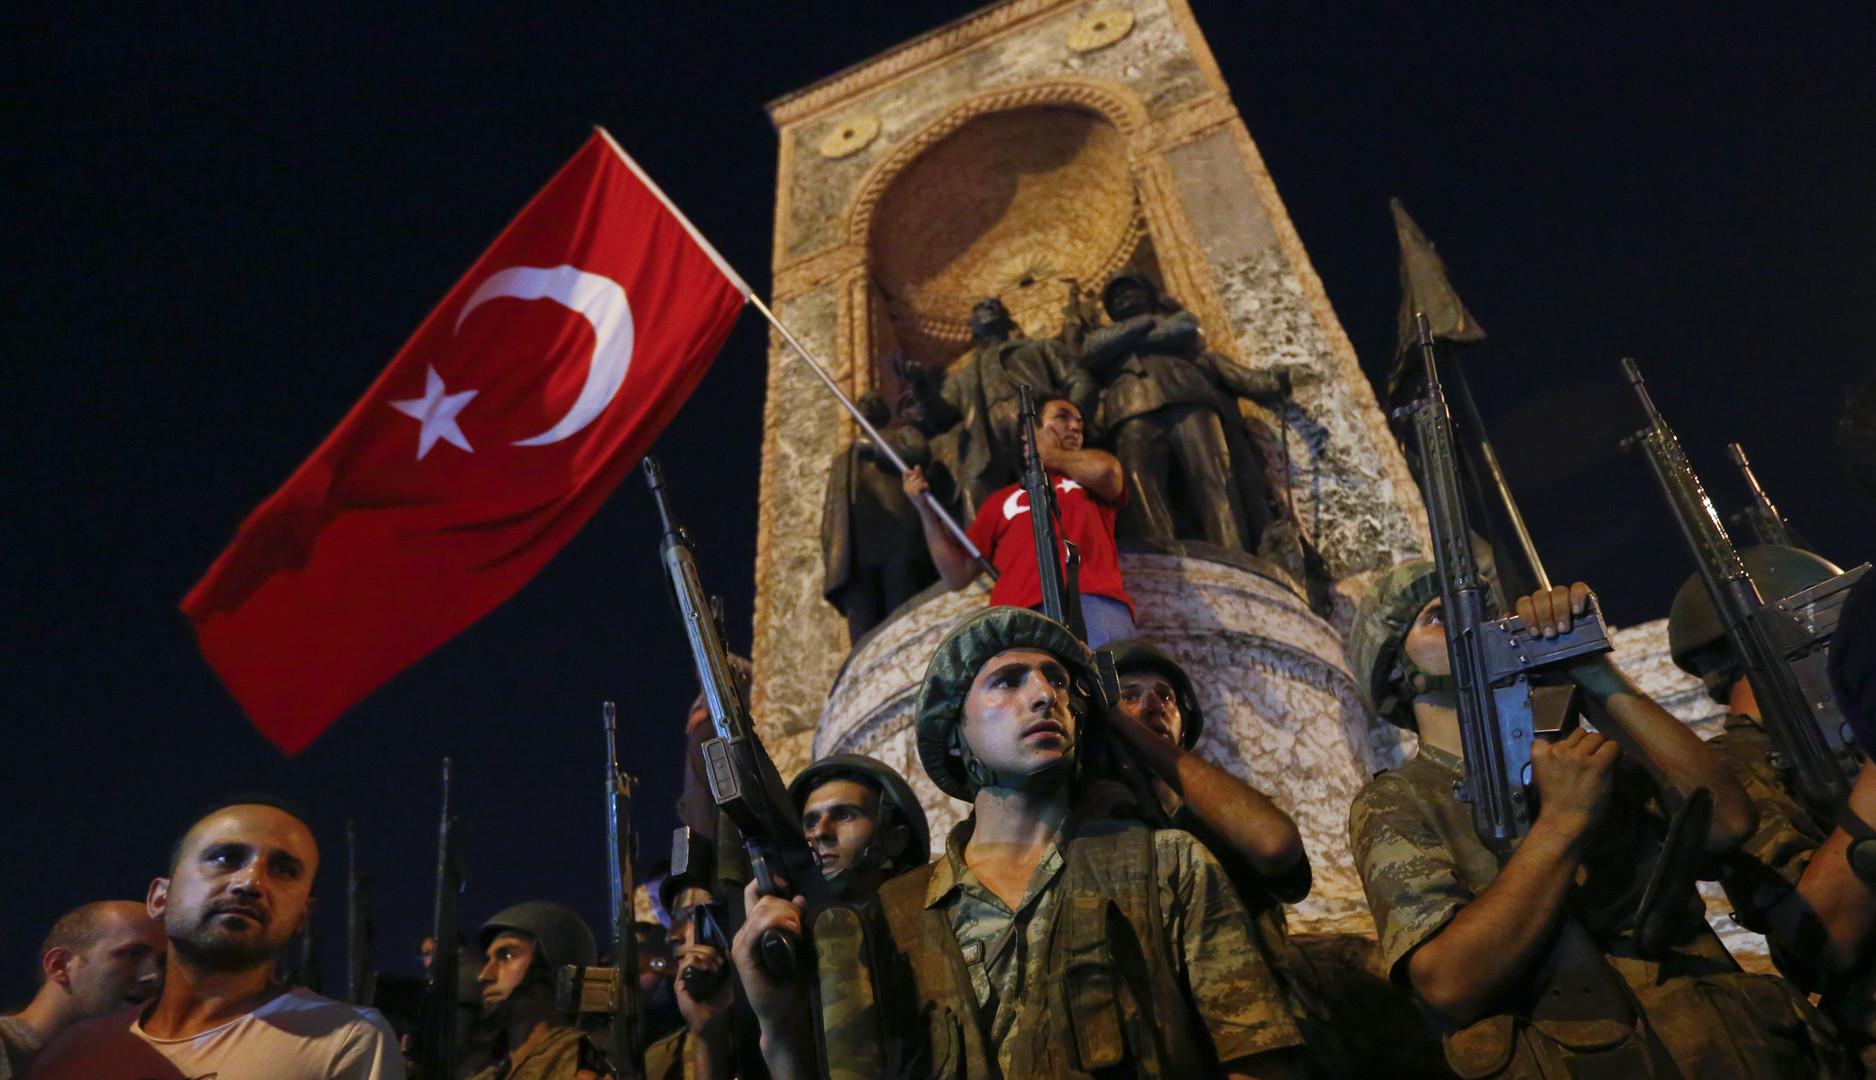 Разведка: Попытка переворота в Турции предотвращена